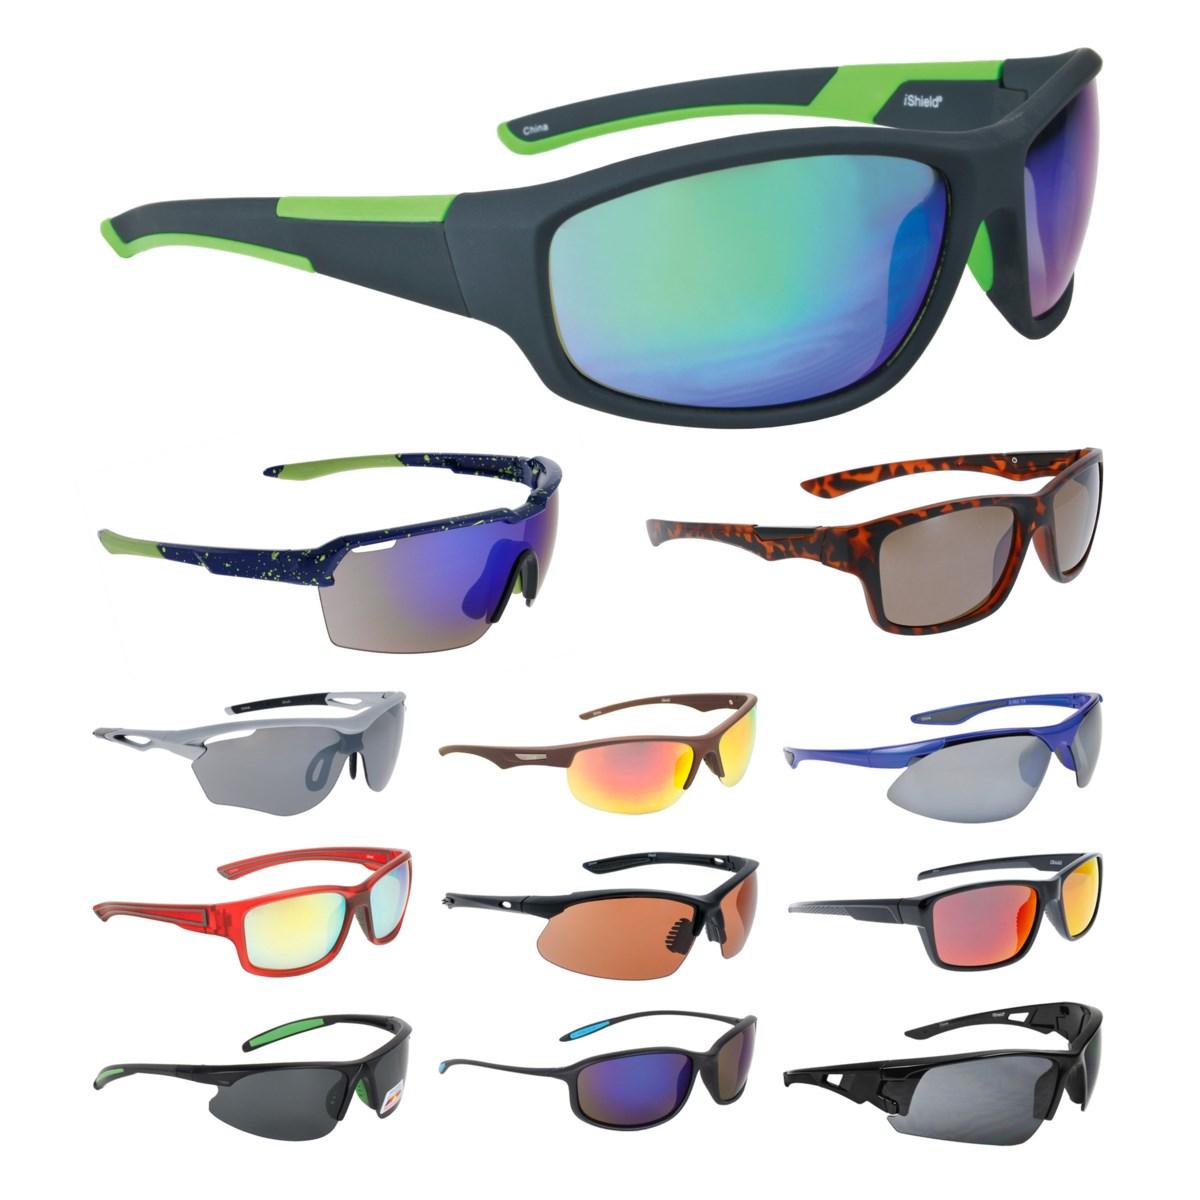 iShield Black Tag Sunglasses Sport Mix